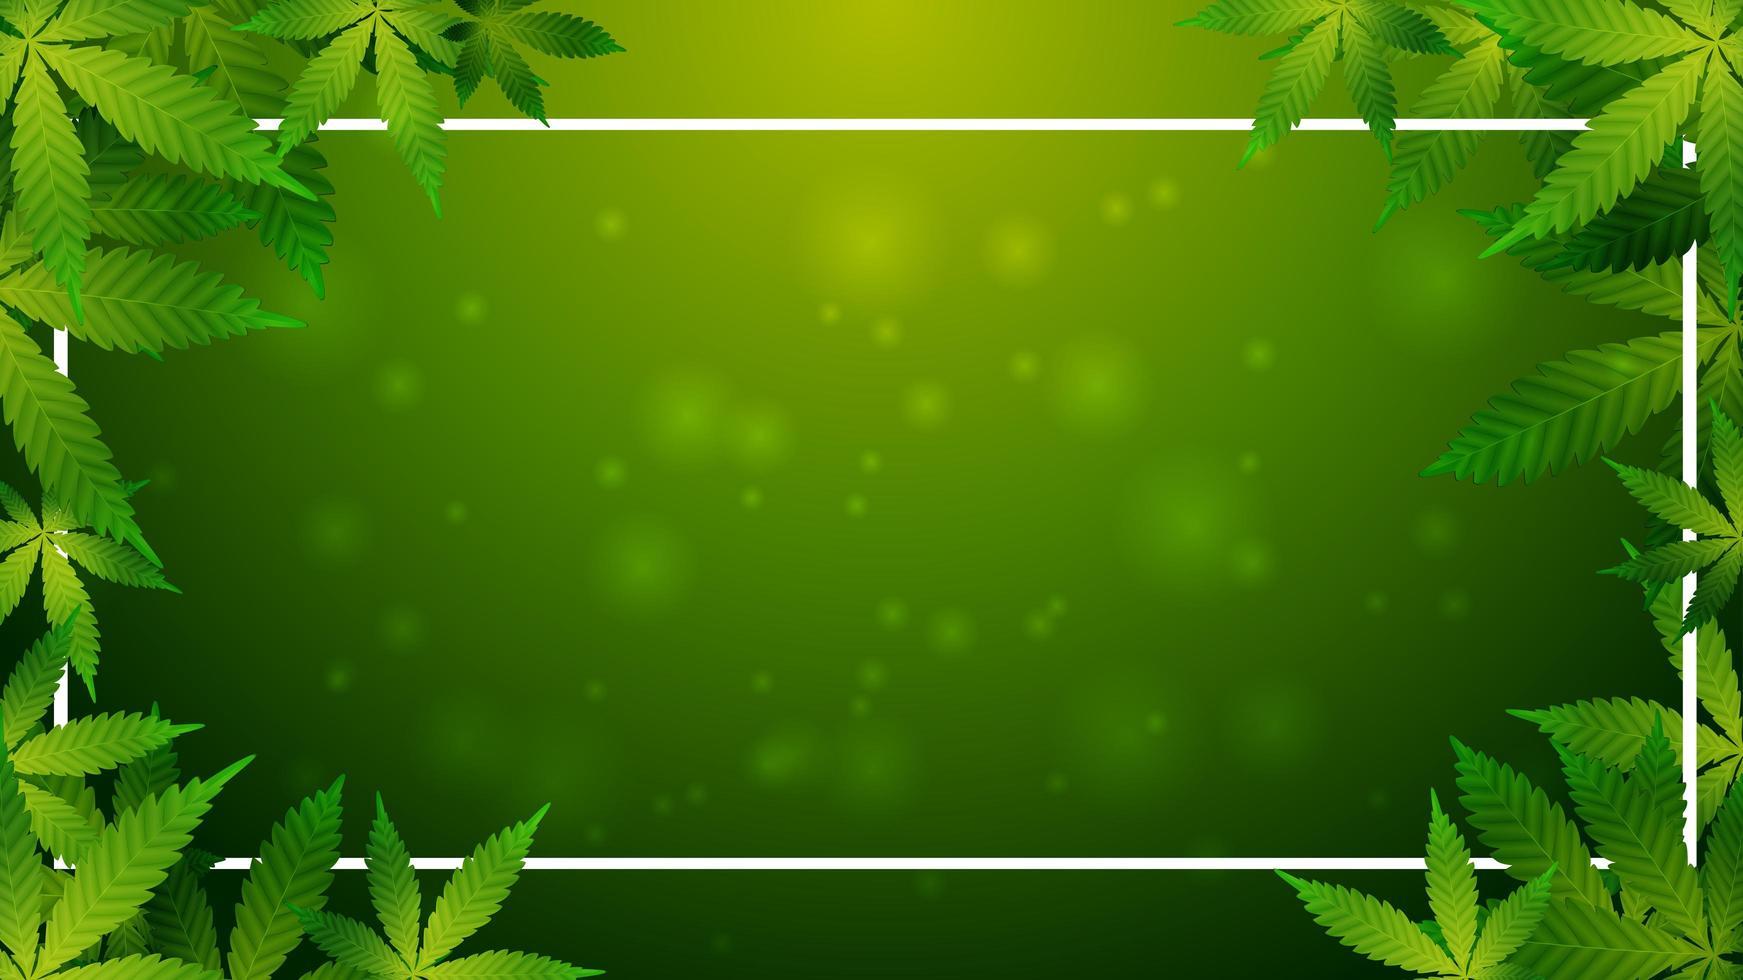 groene sjabloon met een frame van cannabisbladeren vector